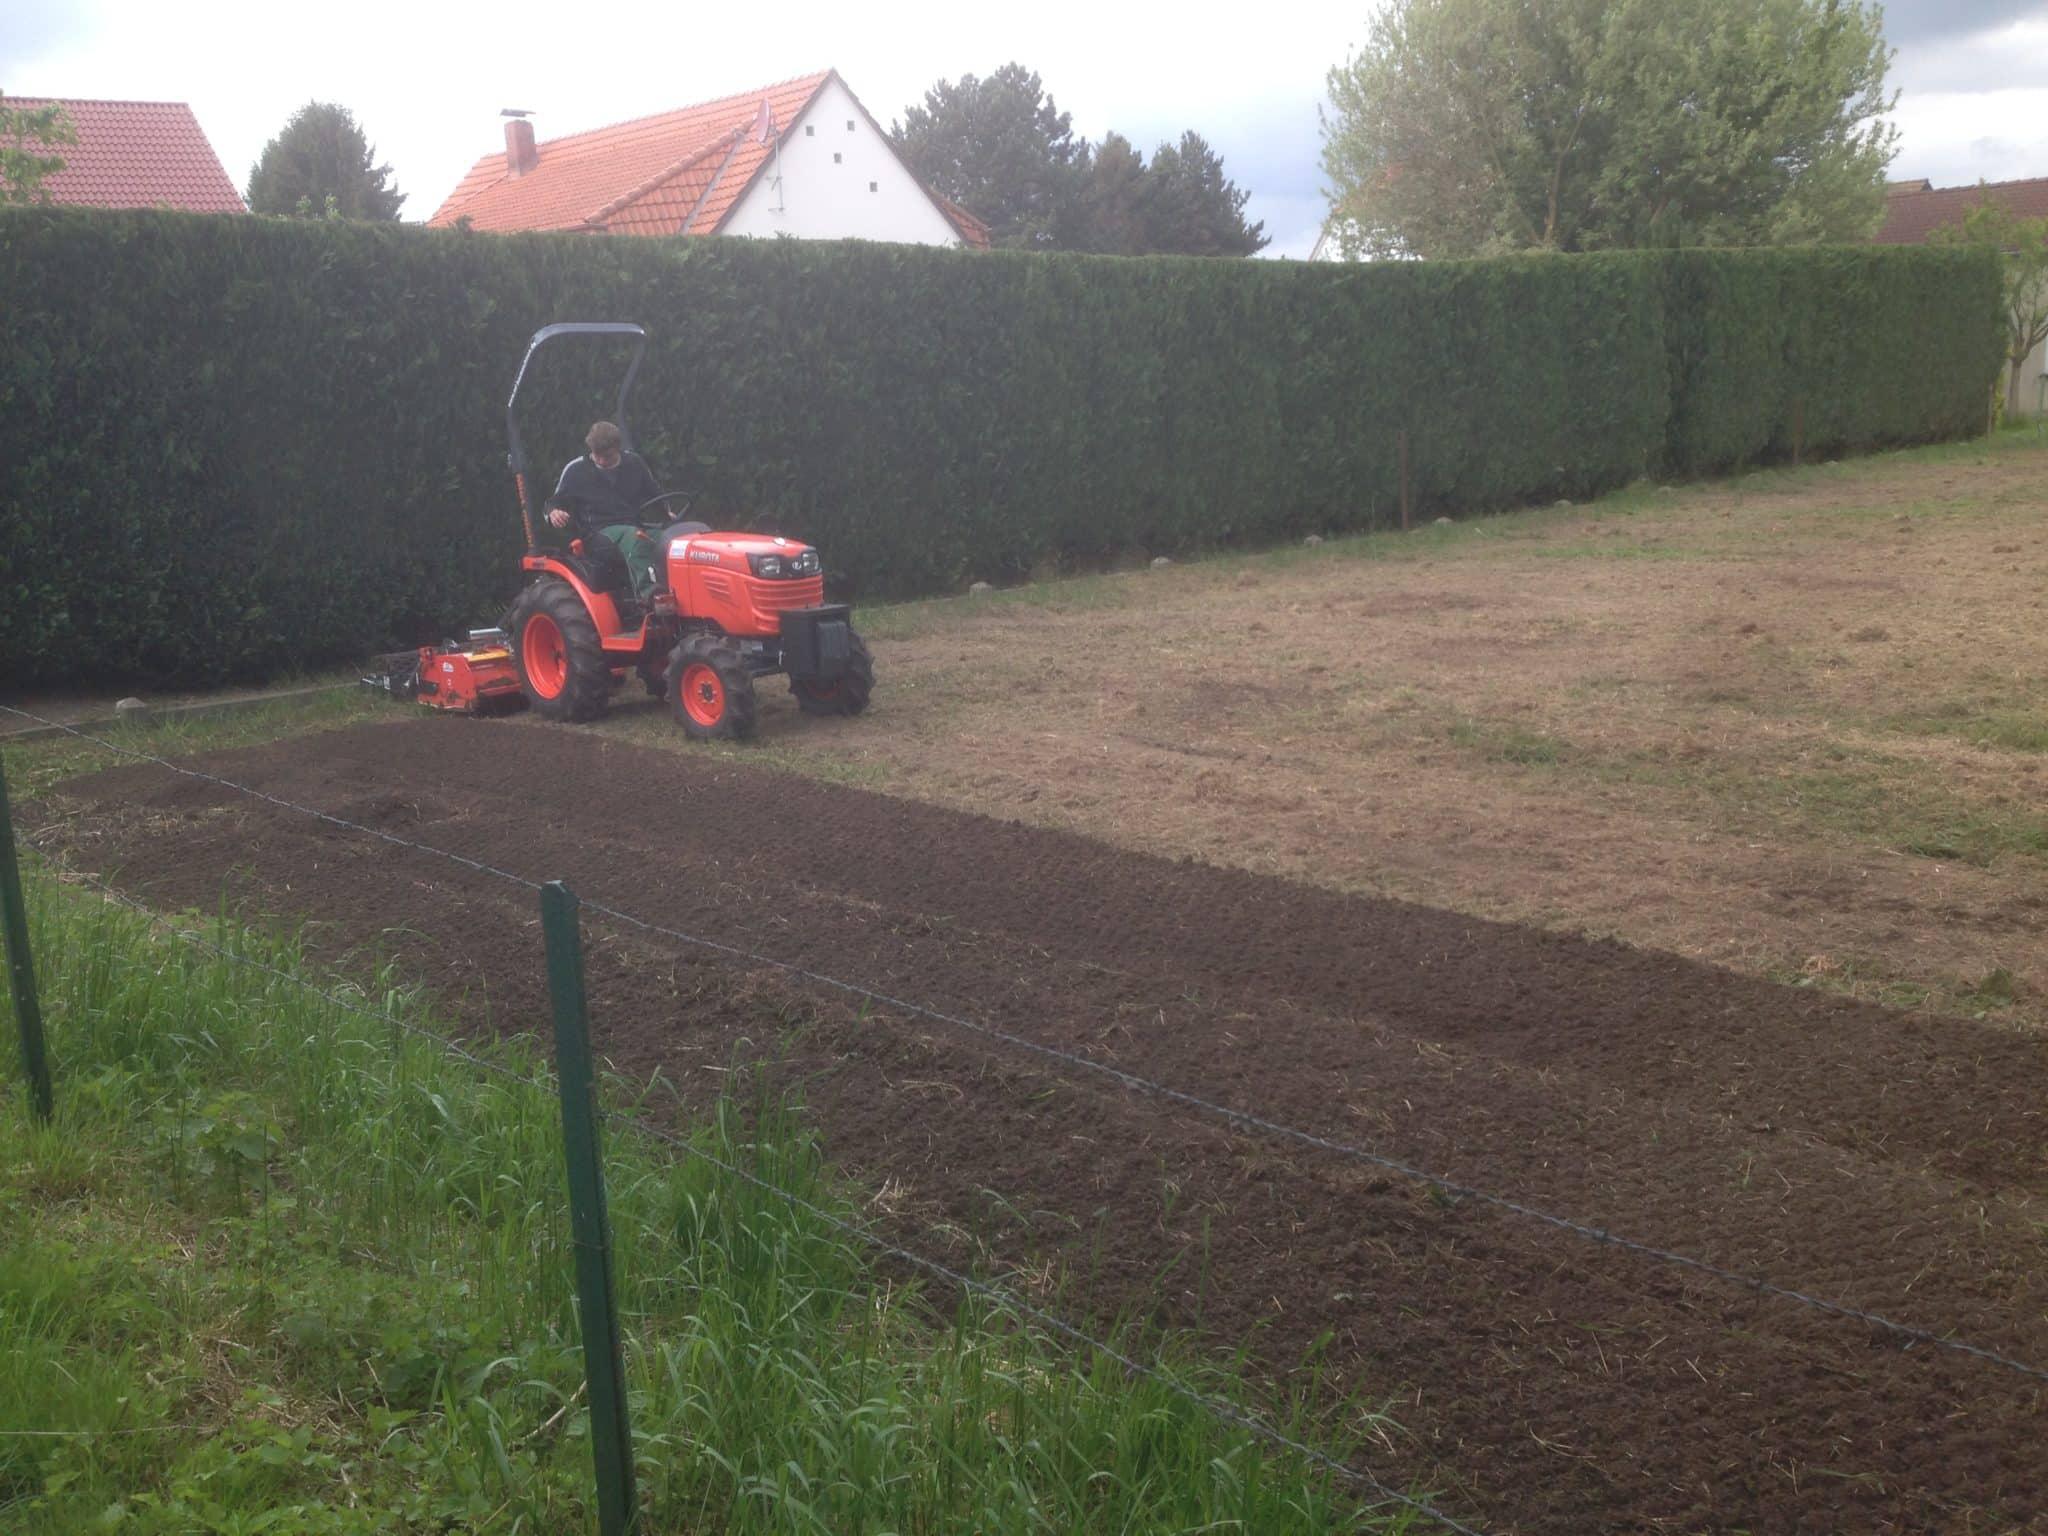 Rasenerneuerung mit Umkehrfräse Bad Oeynhausen